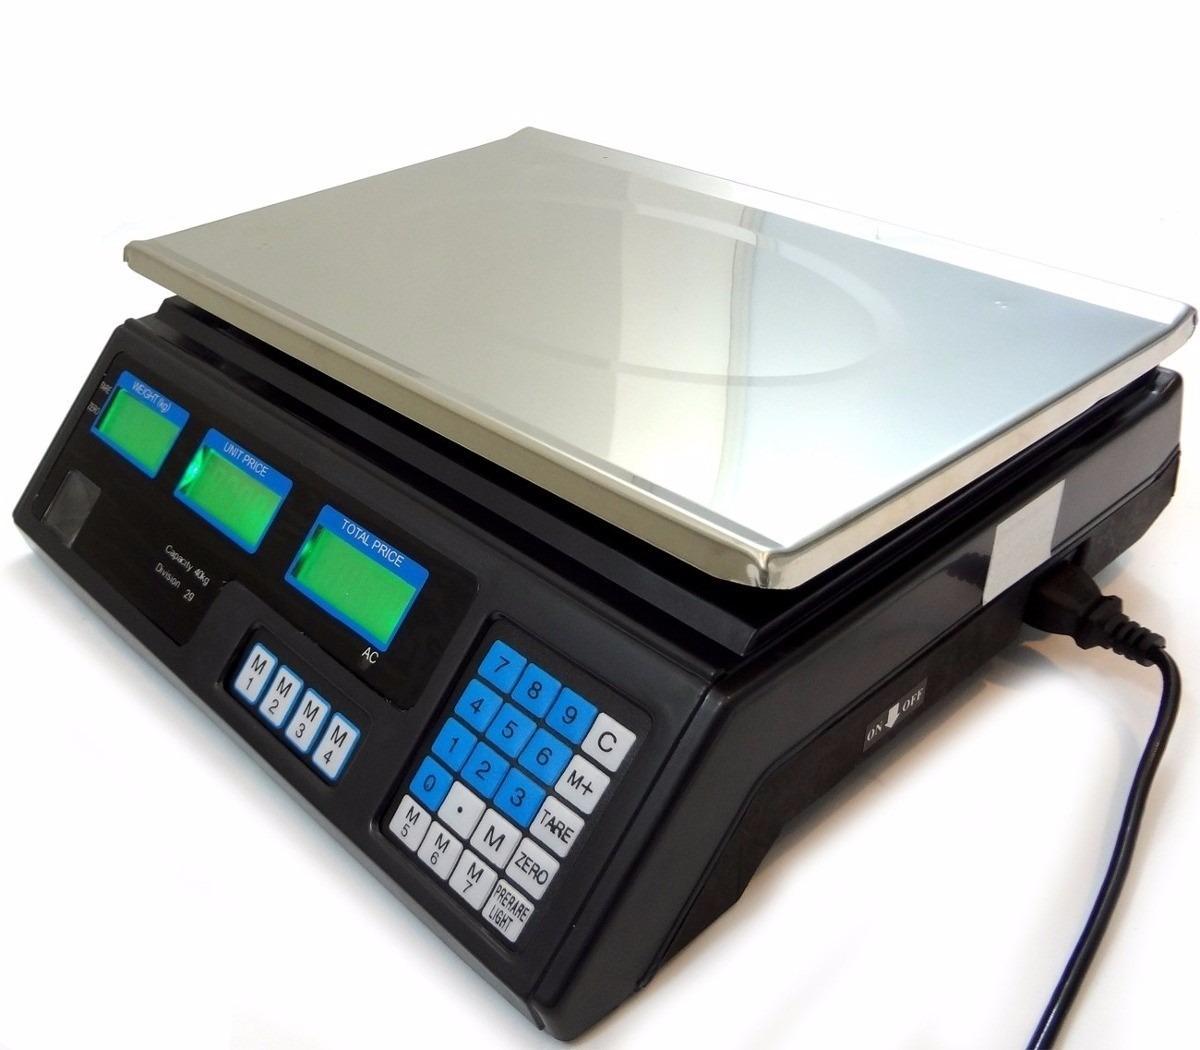 Balança Eletronica De Alta Precisao Digital 40kg Com Bateria R$ 189  #126FB9 1200x1050 Balança Digital Banheiro Filizola